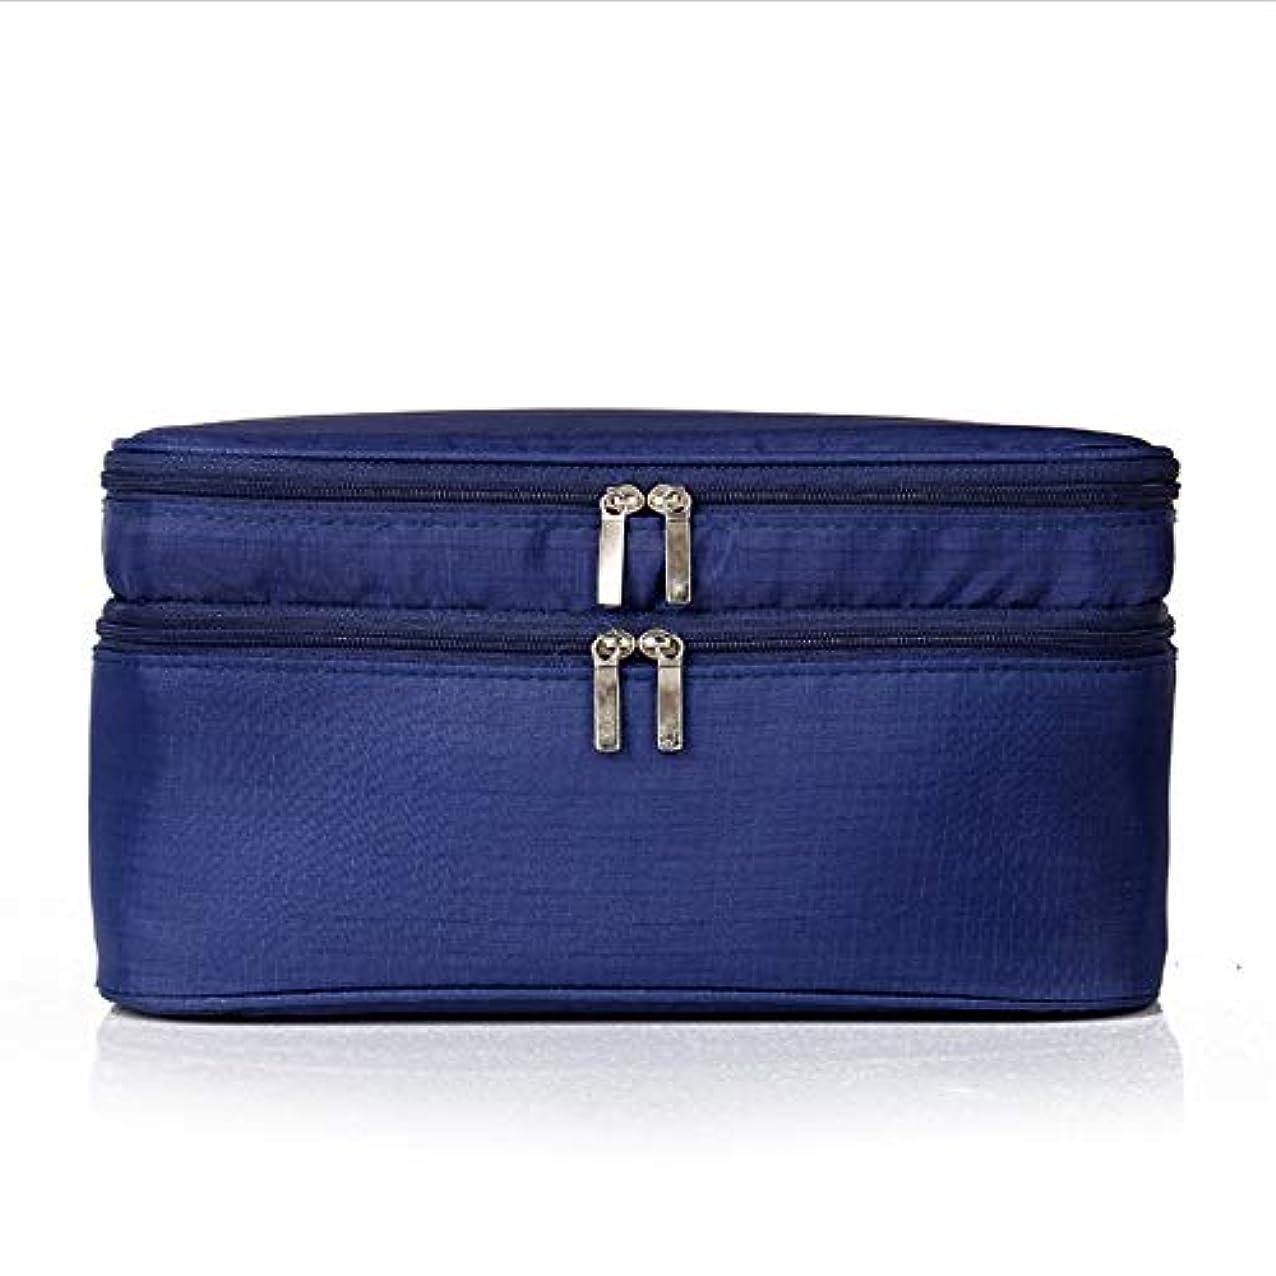 代わって報奨金虫化粧オーガナイザーバッグ トラベルブラジャー収納バッグアンダーウェアバッグ防水パーソナルファッションバッグピンク 化粧品ケース (色 : 青)